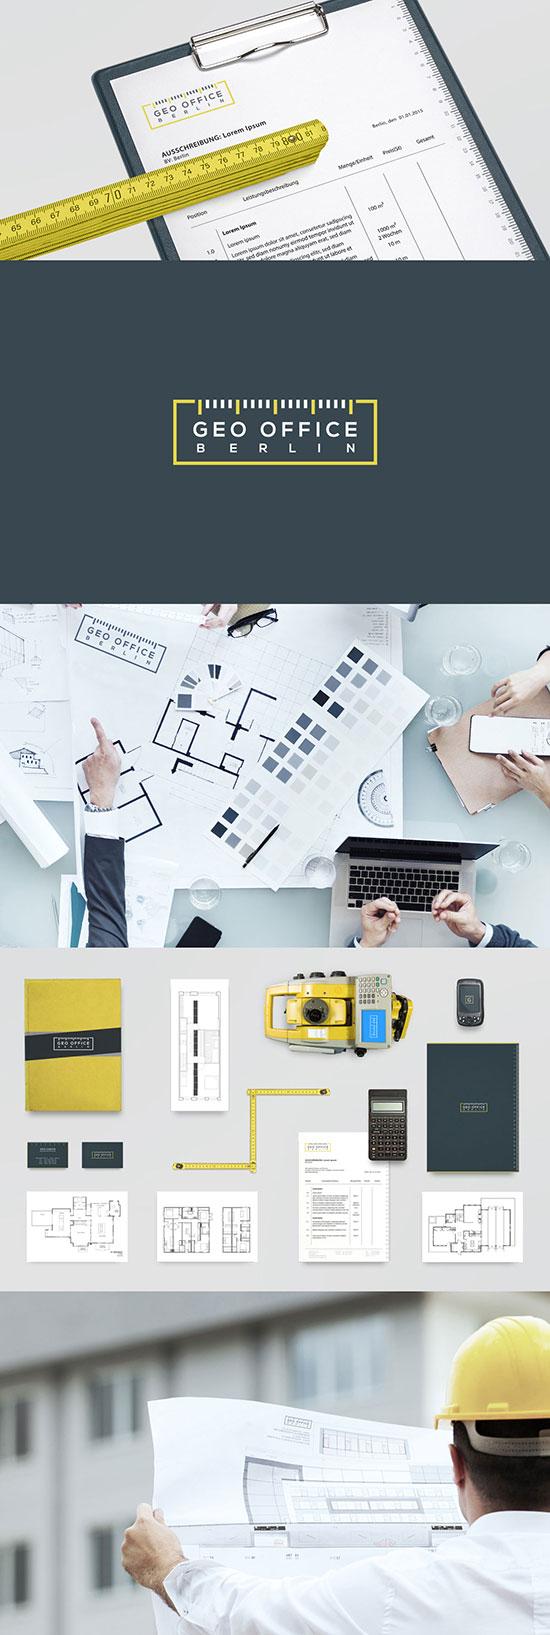 Geo Office Berlin por Ramin Nasibov